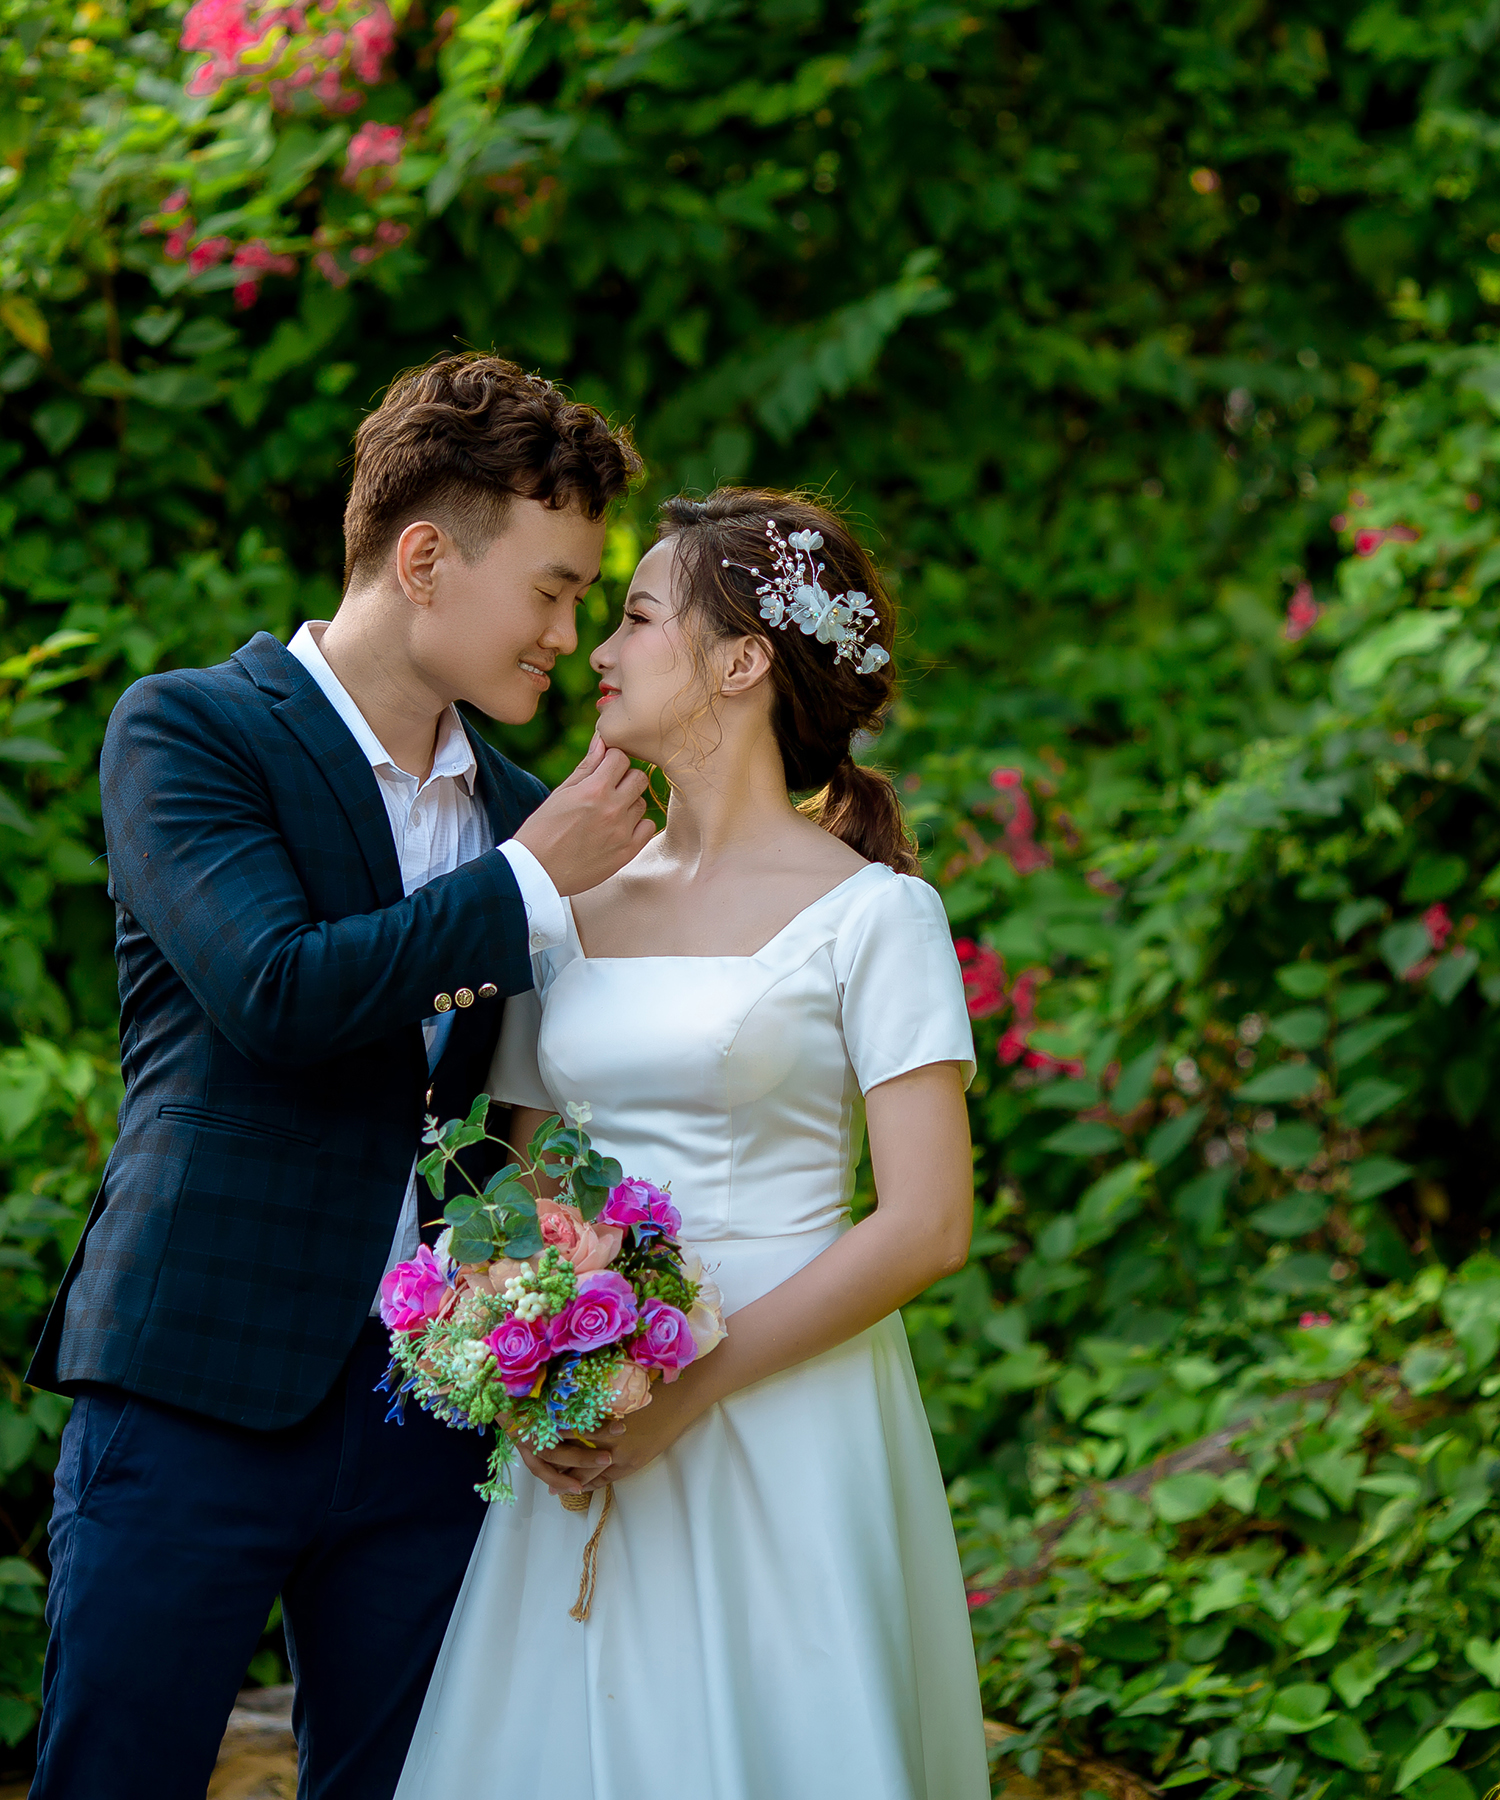 chụp ảnh cưới phim trường Alibaba 02